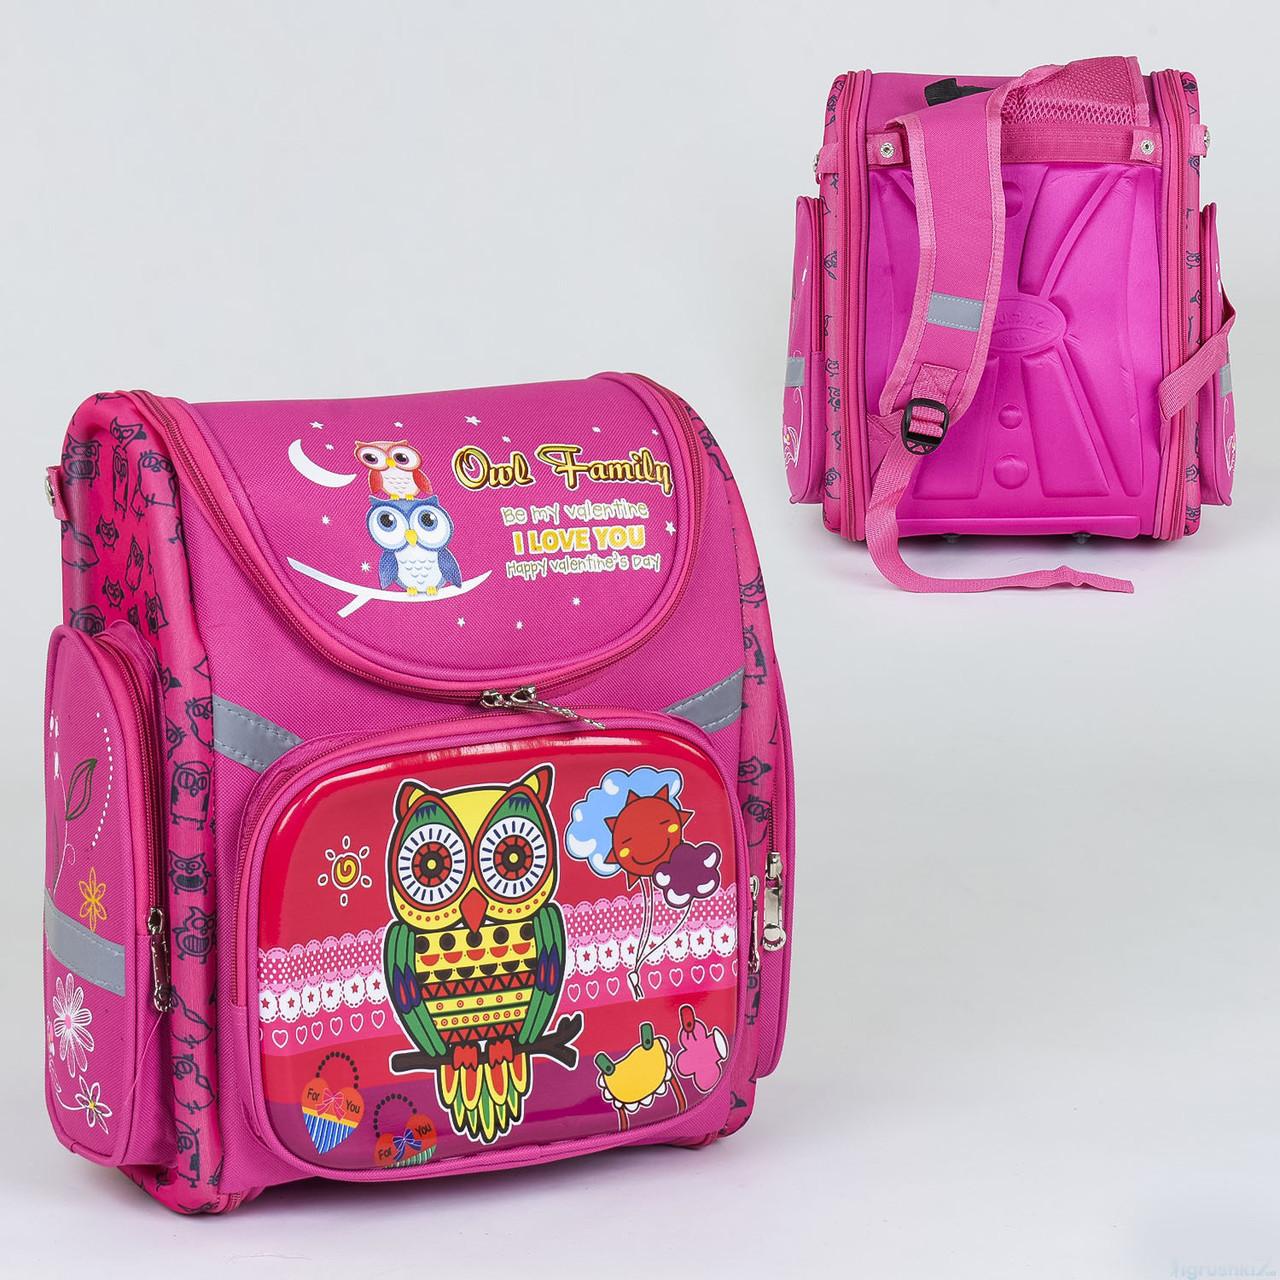 Рюкзак школьный каркасный C 36185, 1 отделение, 3 кармана, спинка ортопедическая